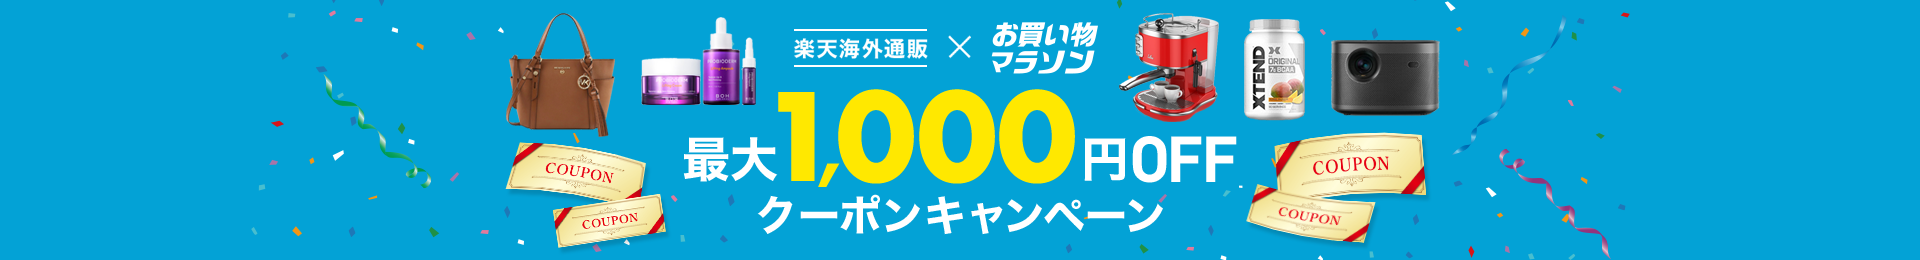 楽天海外通販 最大1,000円OFF クーポンキャンペーン